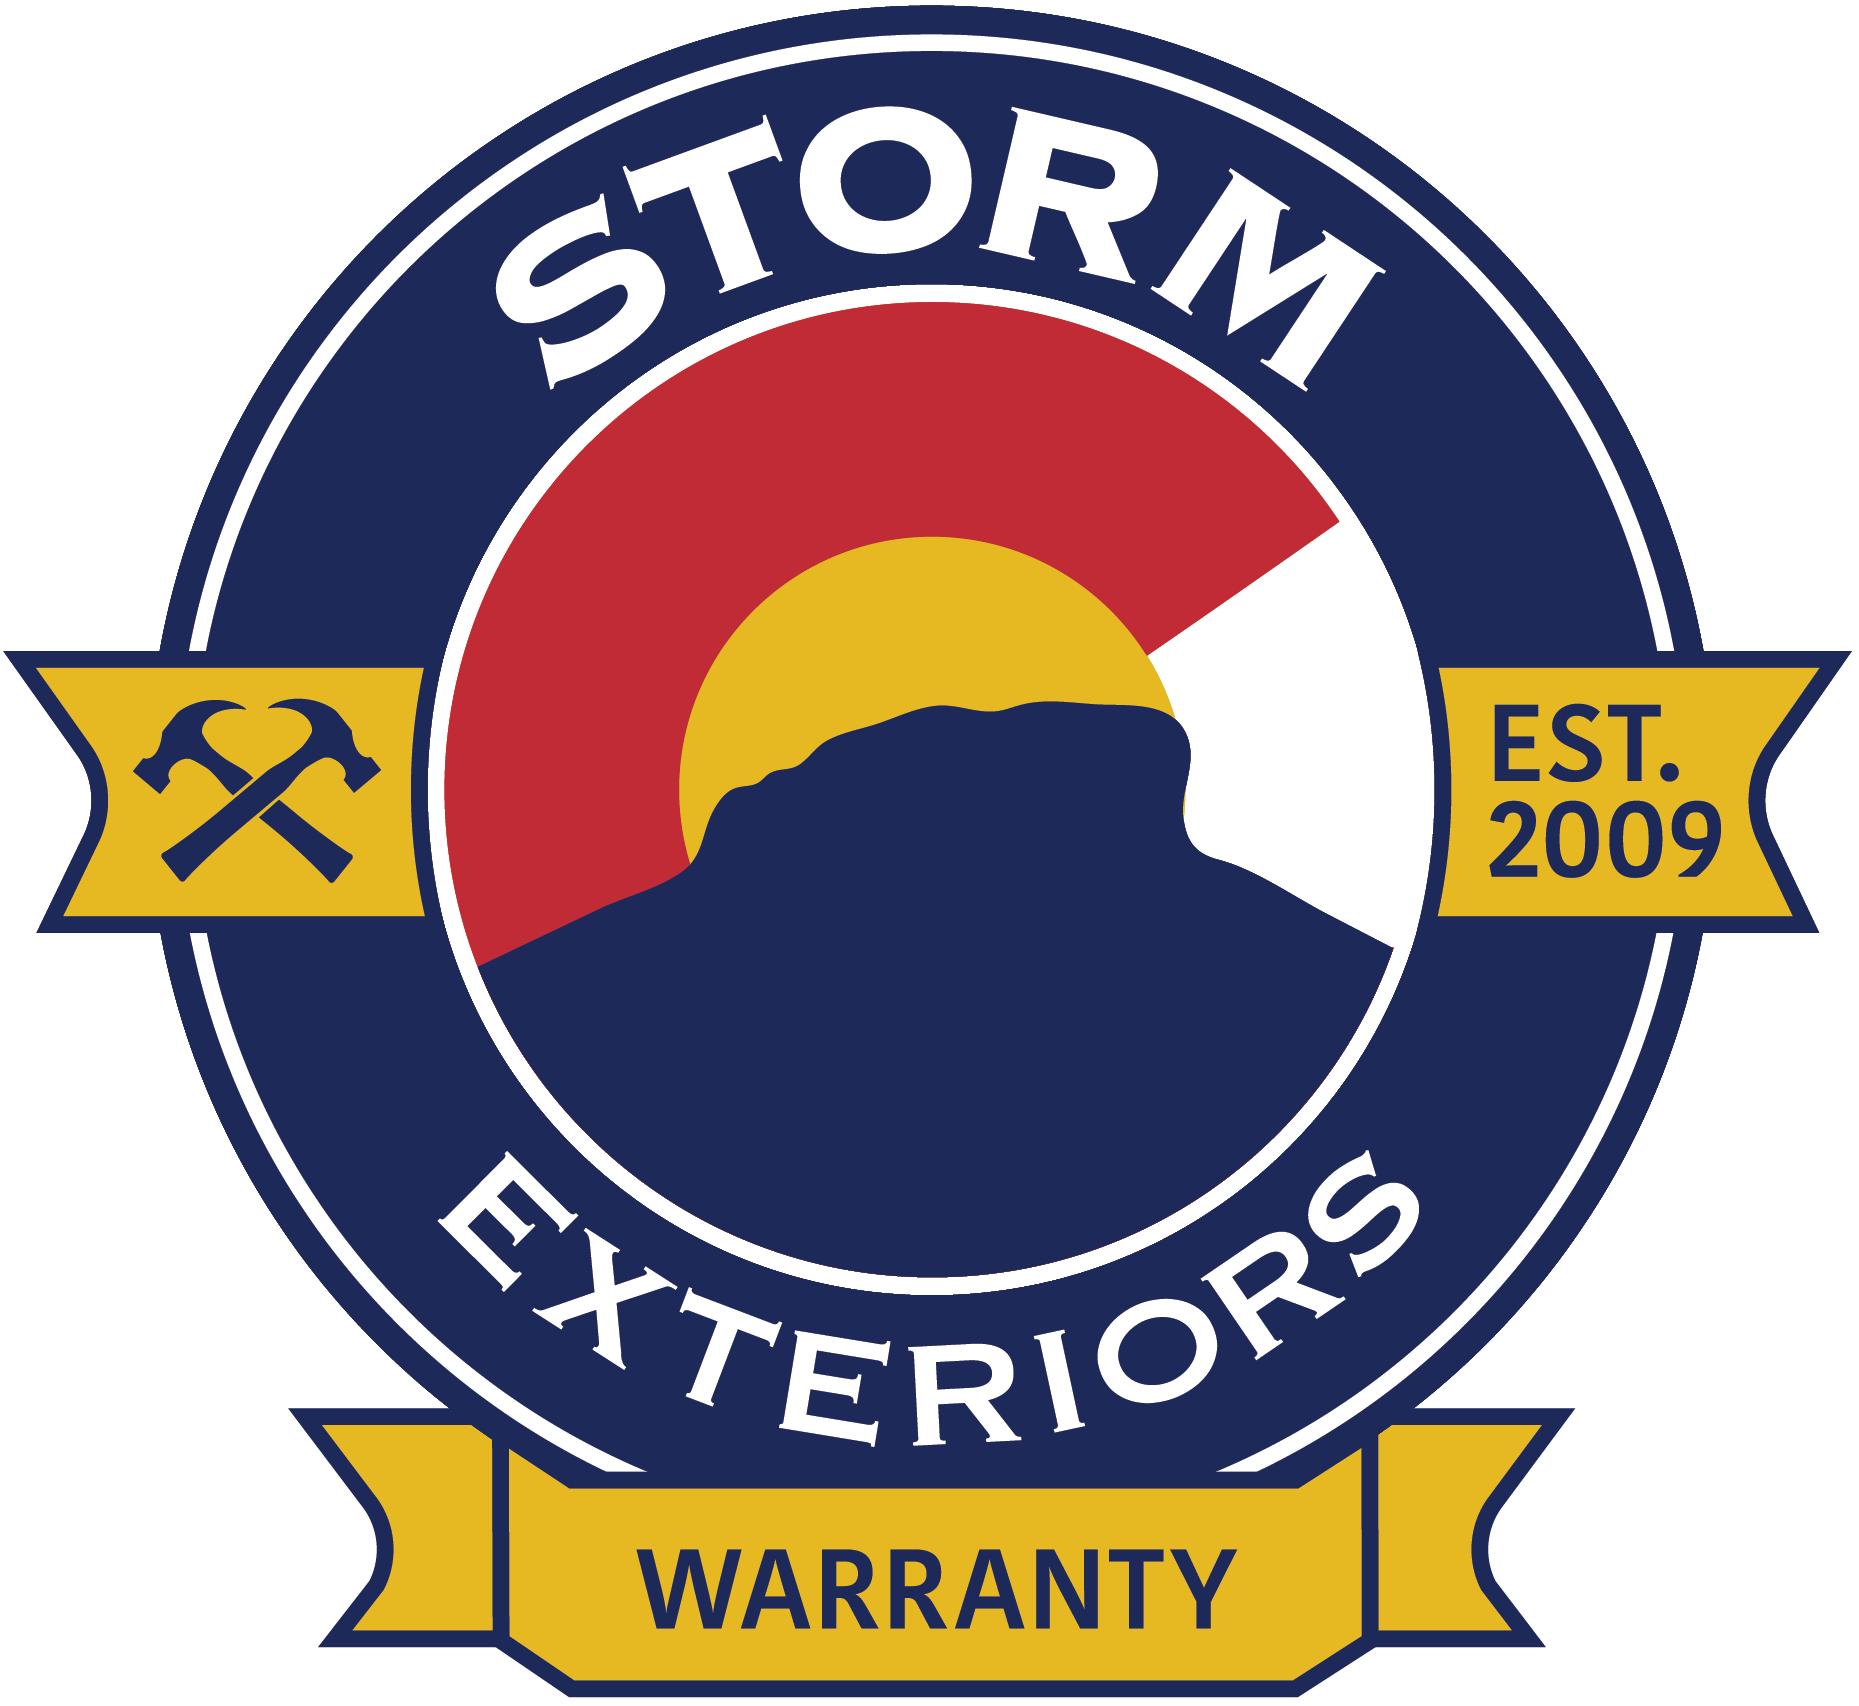 Storm Exteriors